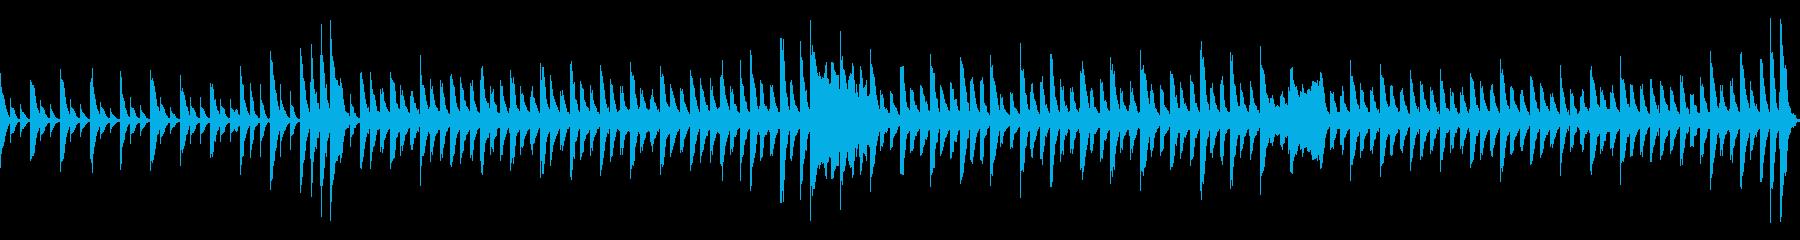 子供、ペット、クリスマス系BGM60秒の再生済みの波形